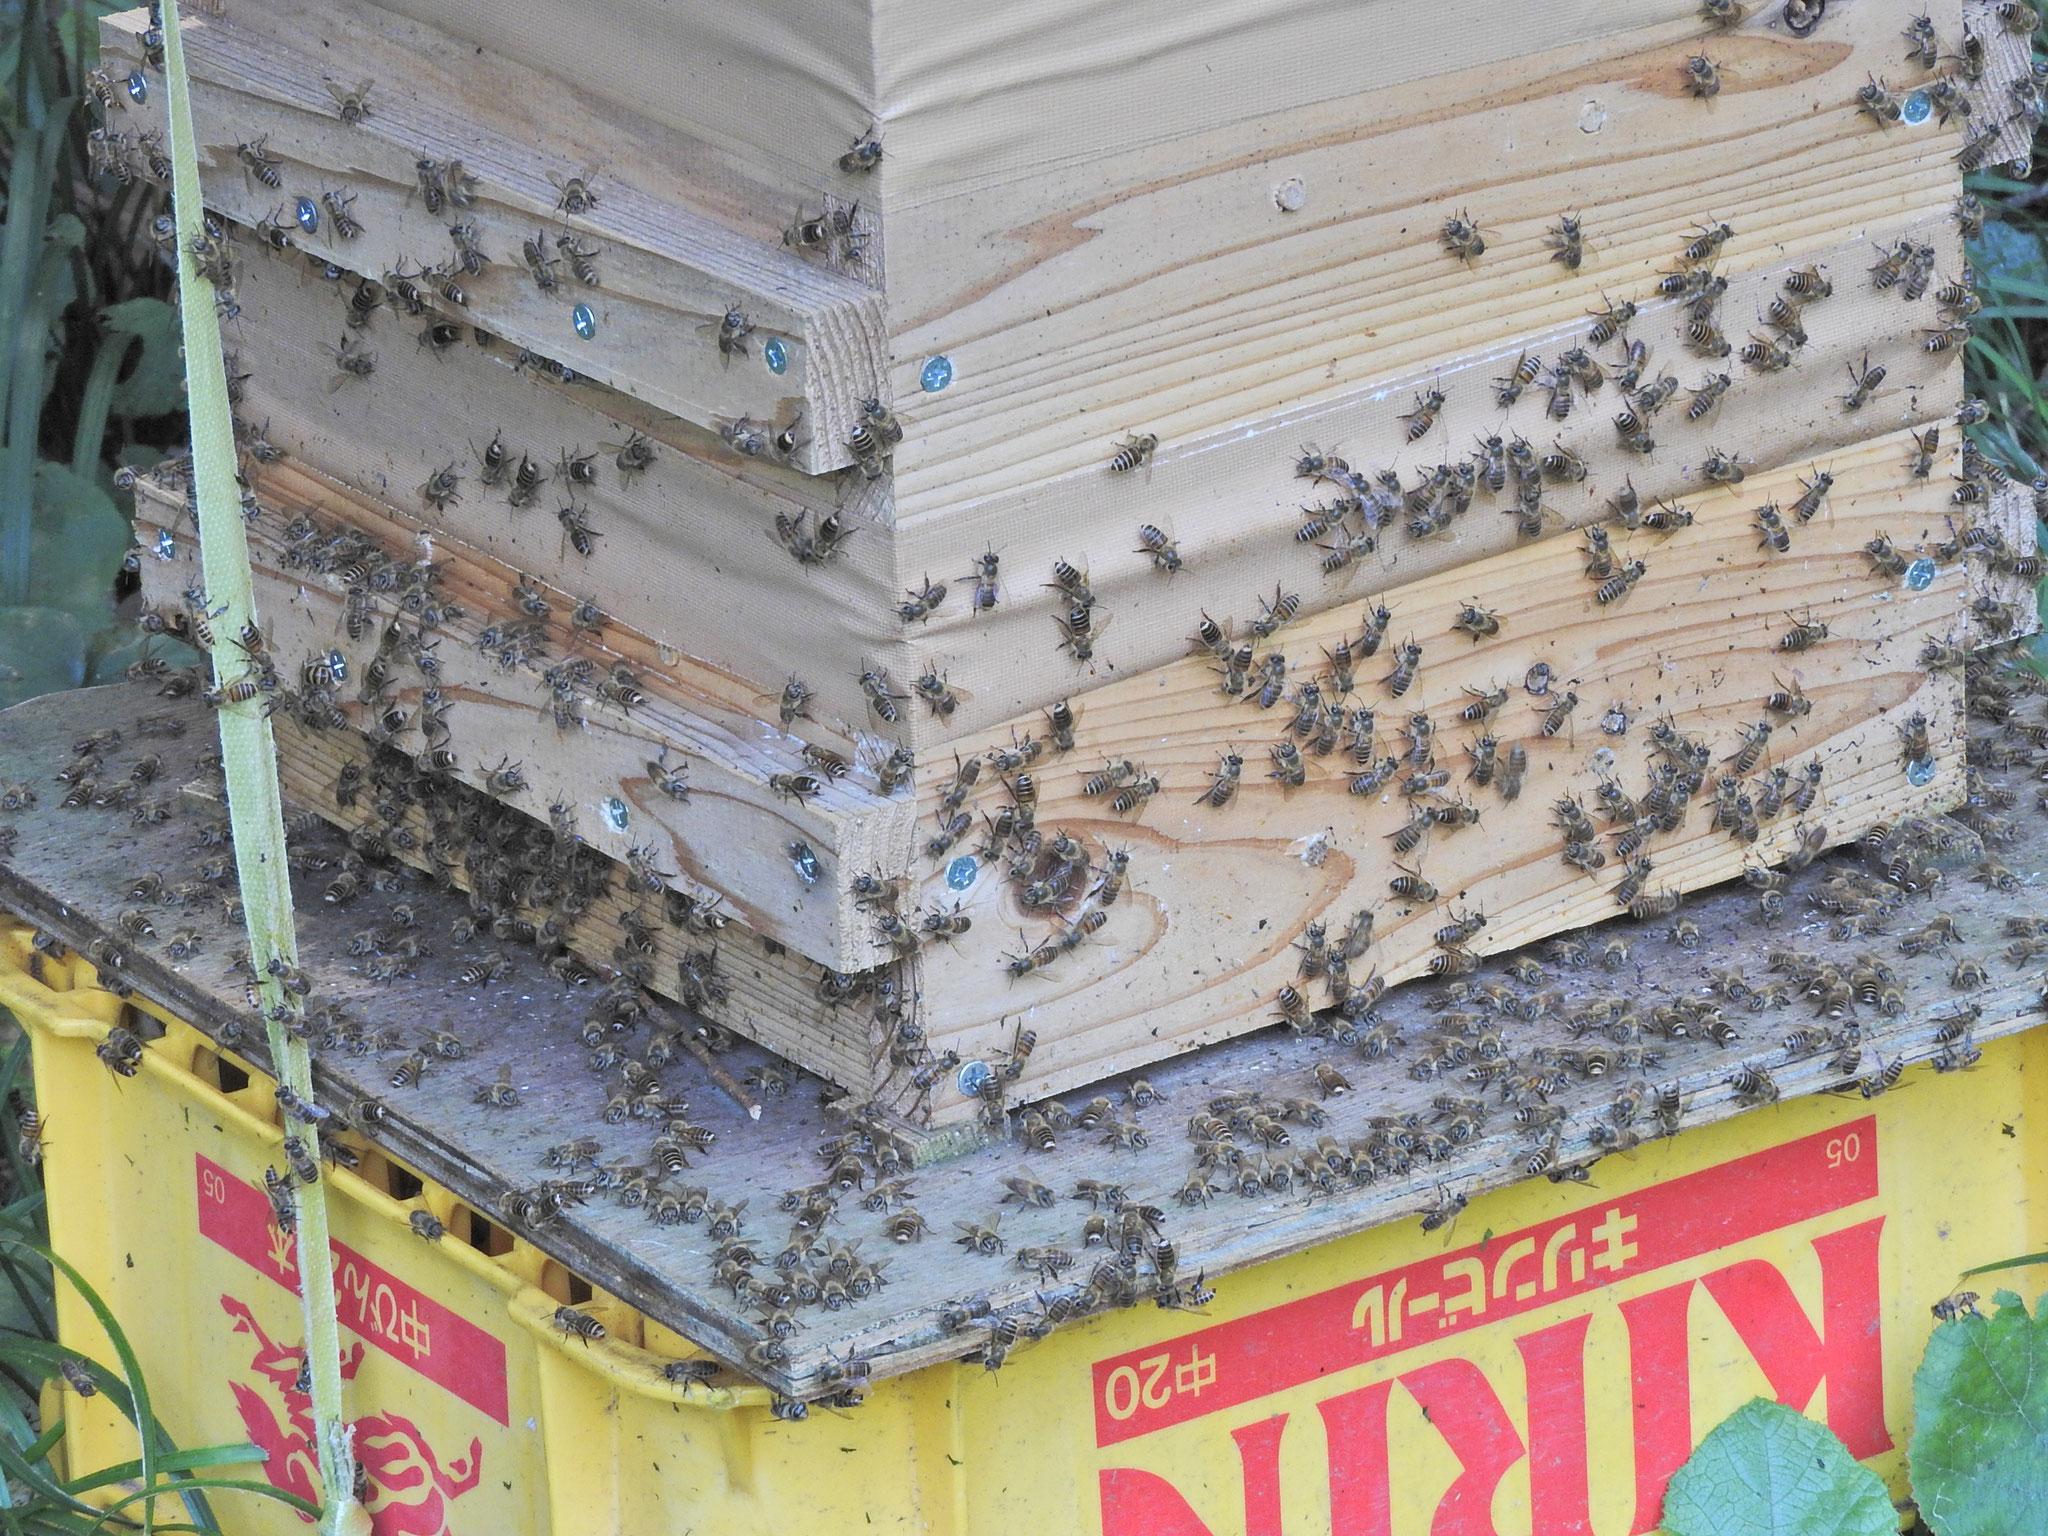 巣箱に群がるニホンミツバチ